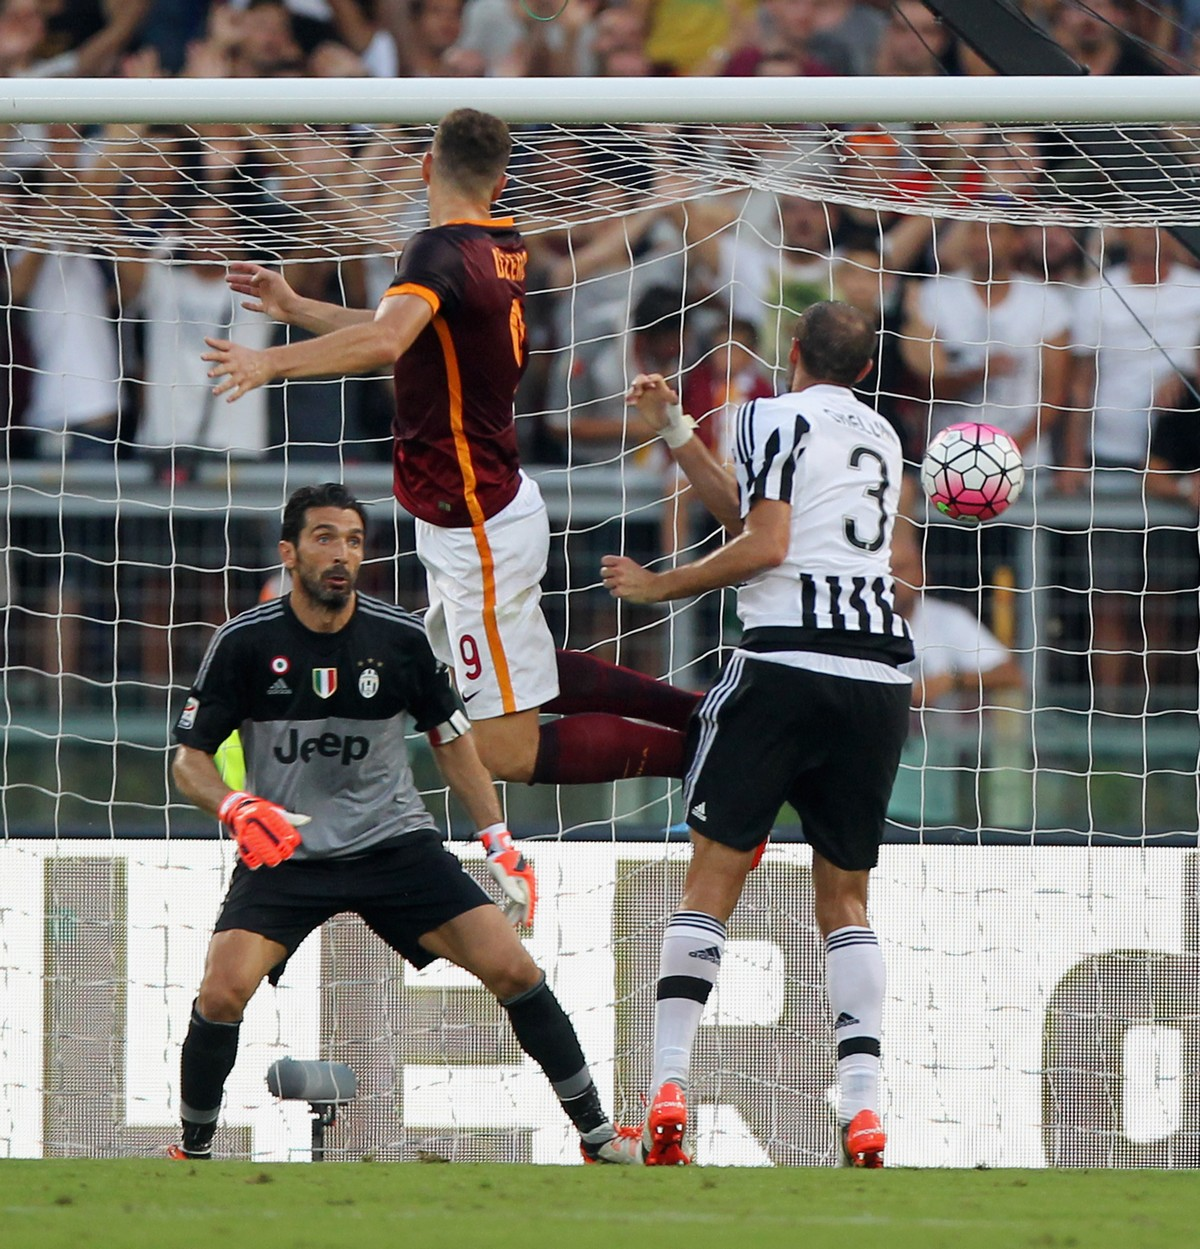 Il colpo di testa di Dzeko che ha trafitto Buffon per il 2-0